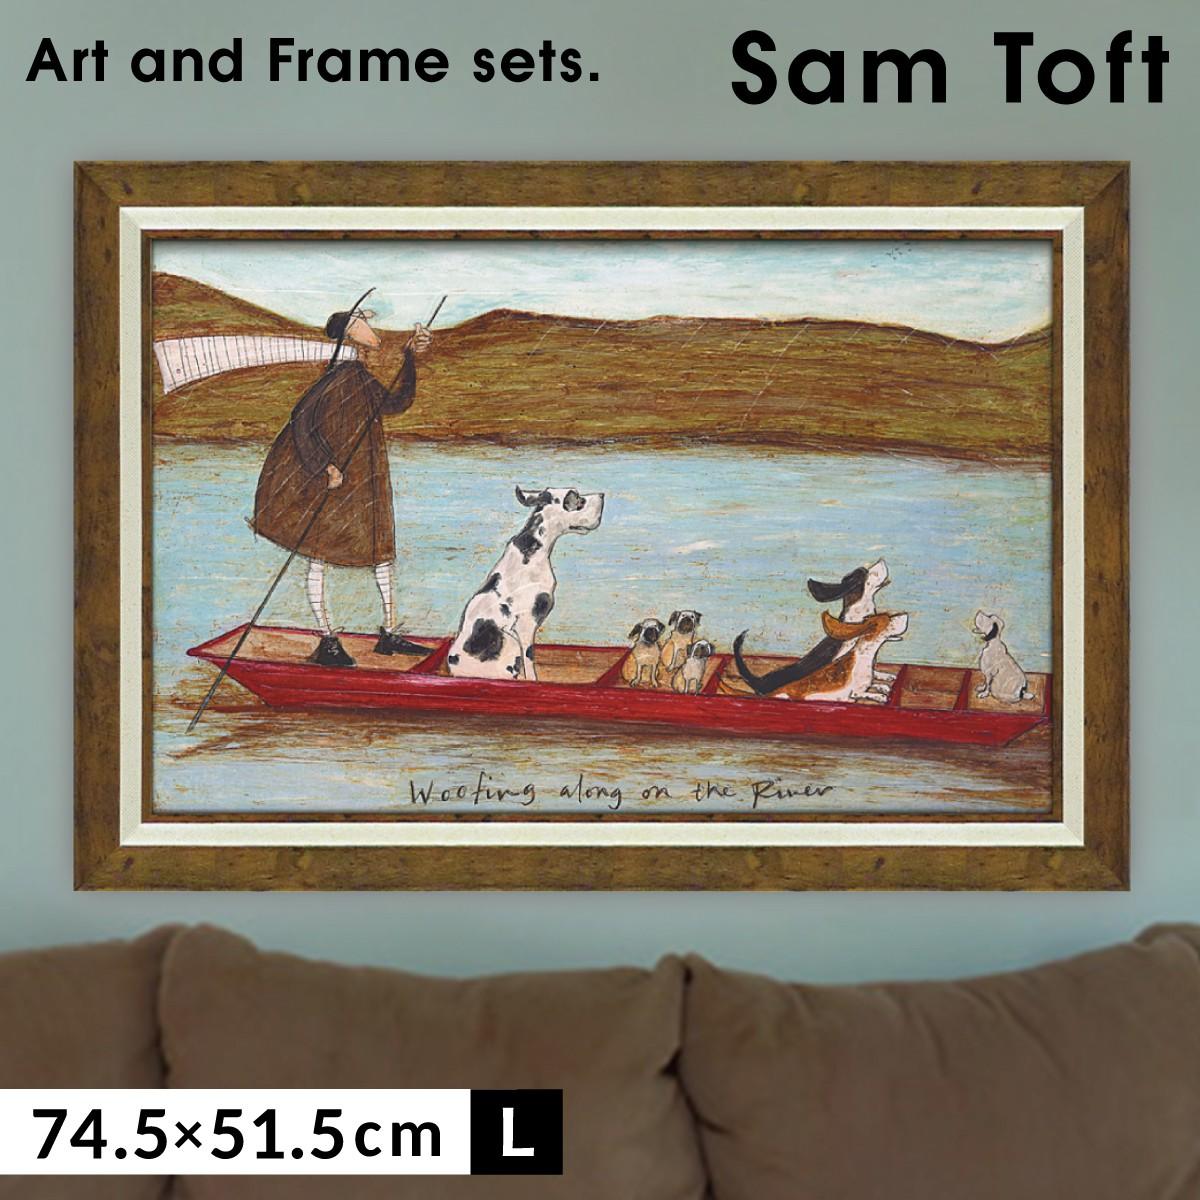 アートパネル アートフレーム 壁掛け サムトフト おしゃれ 絵画 絵 アートボード インテリア イギリス作家 わんわんリバークルーズ ST16020 犬 イヌ いぬ ドッグ 海 船 大きい 大型サイズ